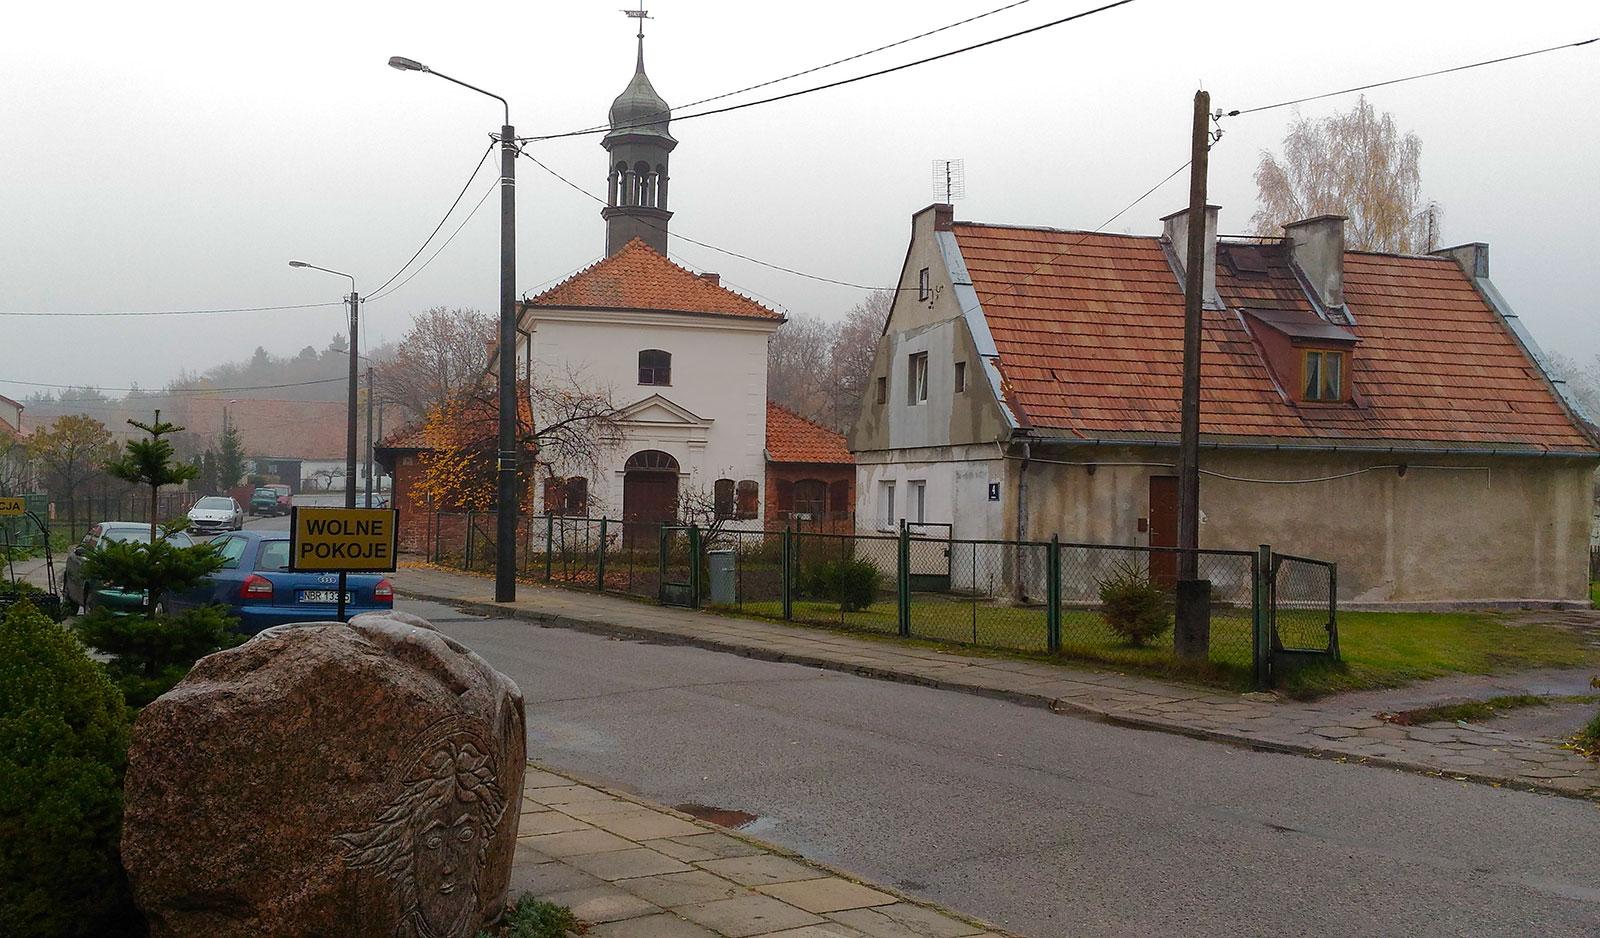 Улица во Фромборке